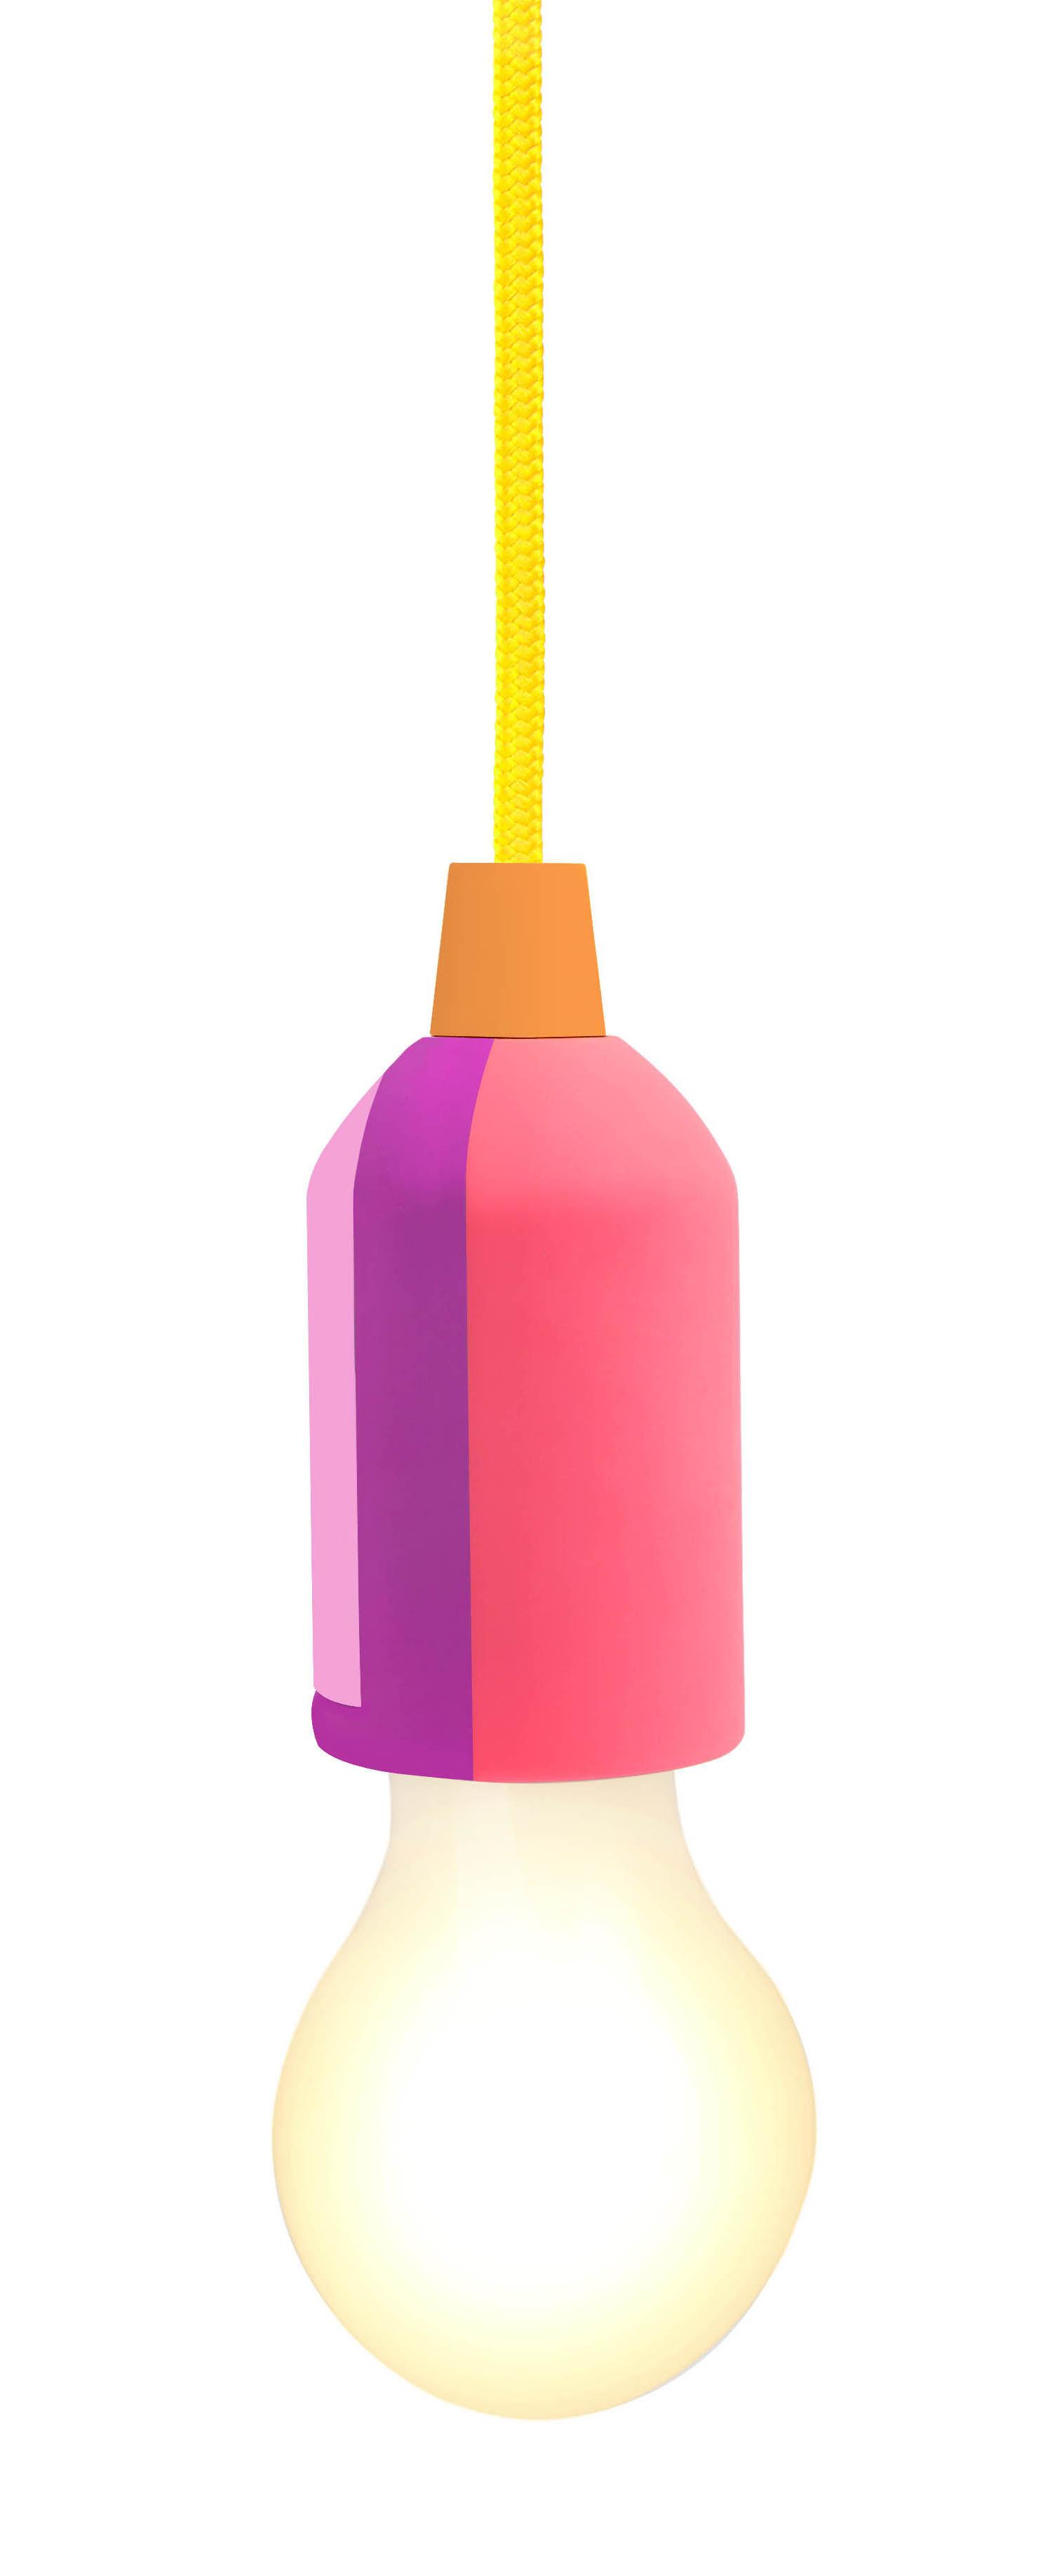 Interni - Per bambini - Lampada senza fili Pull Cord - / LED - Cavo tessuto da appendere di Sunnylife - Arcobaleno / Rosa & viola - ABS, Plastique opalin, Tessuto